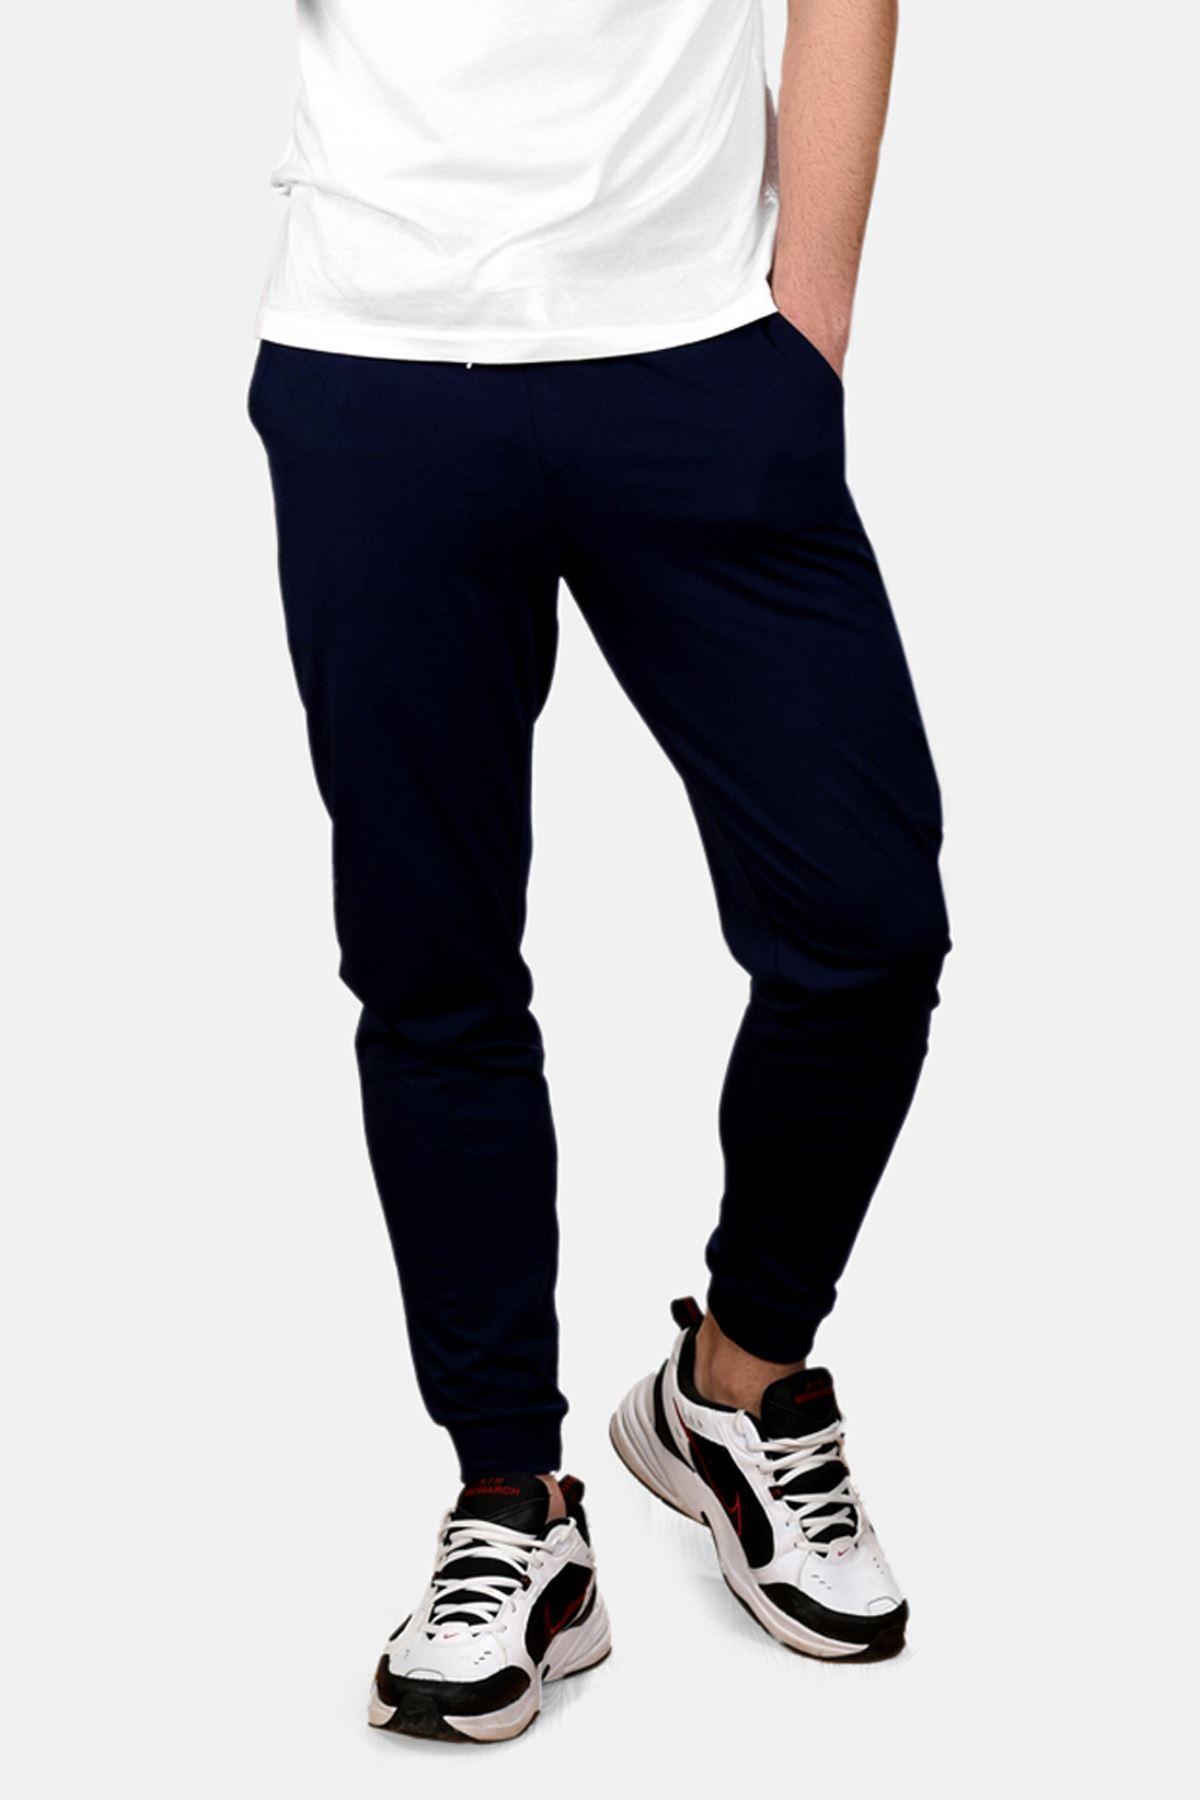 Malabadi Erkek Lacivert Alt Beyaz Üst Düğmeli Yaka Yazlık Pijama Takımı M564